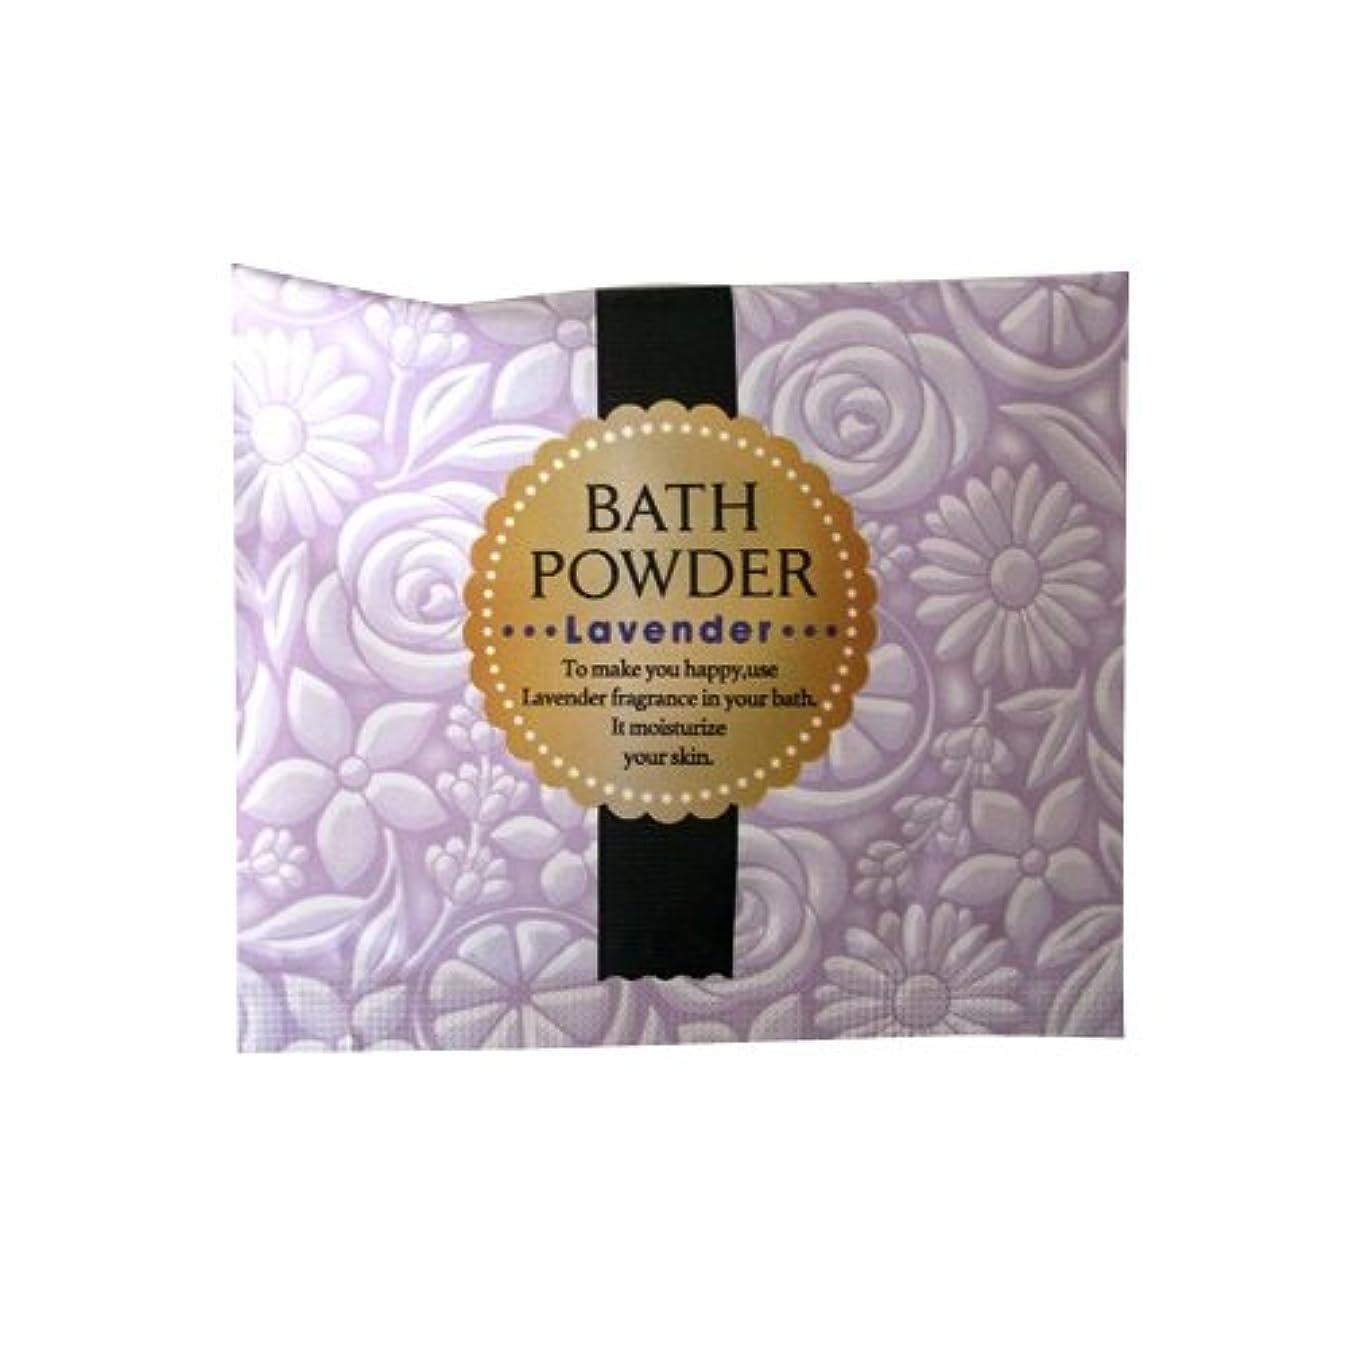 乳剤話す故国入浴剤 LUCKY BATH (ラッキーバス) 25g ラベンダーの香り